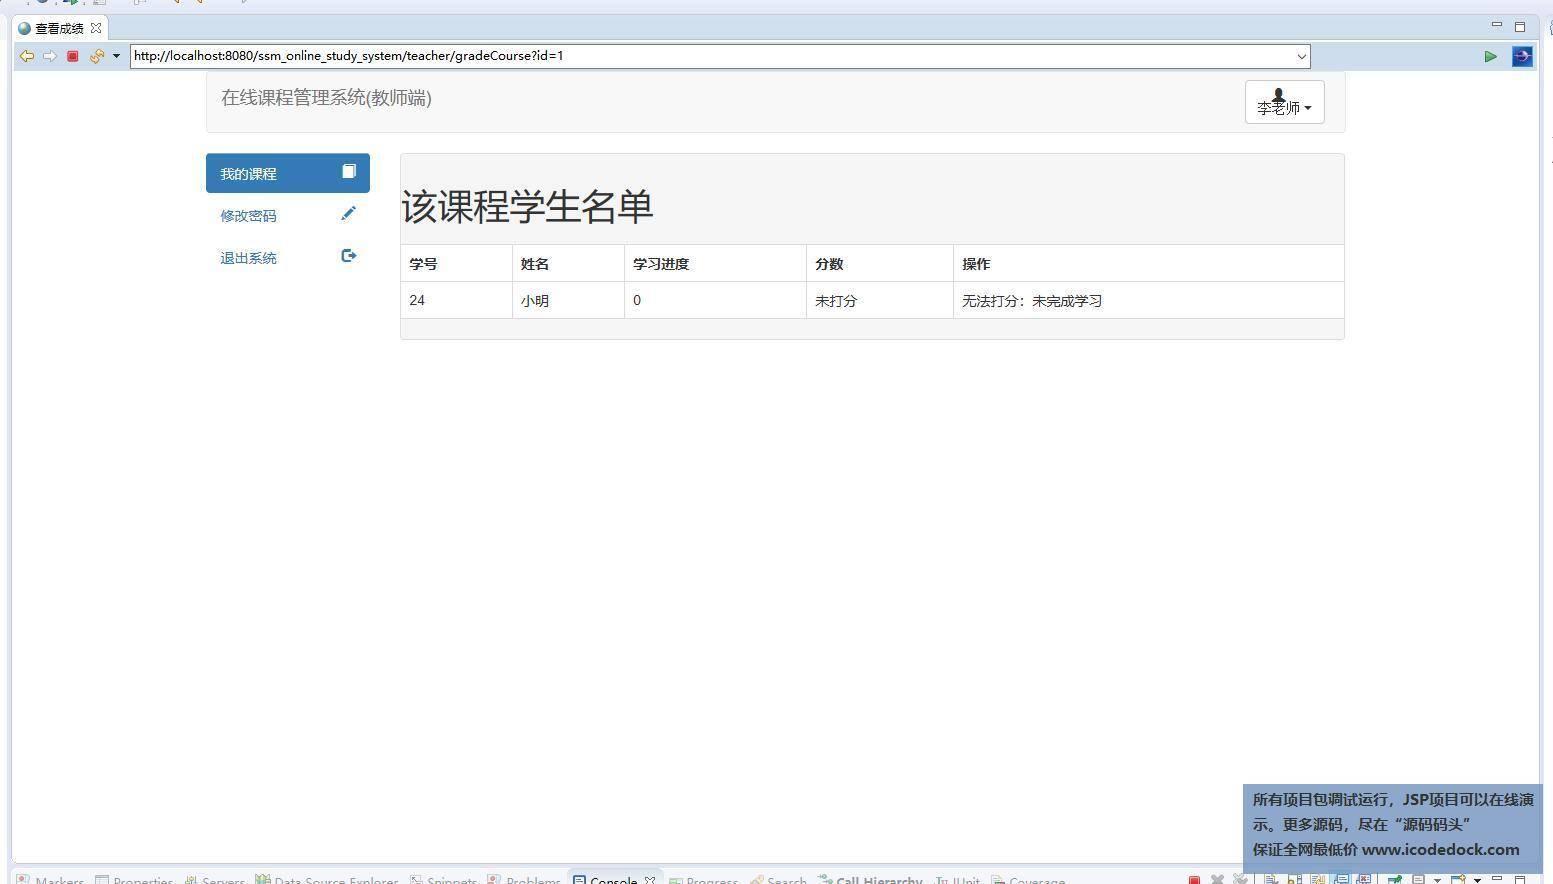 源码码头-SSM在线课程管理系统-教师角色-课程管理